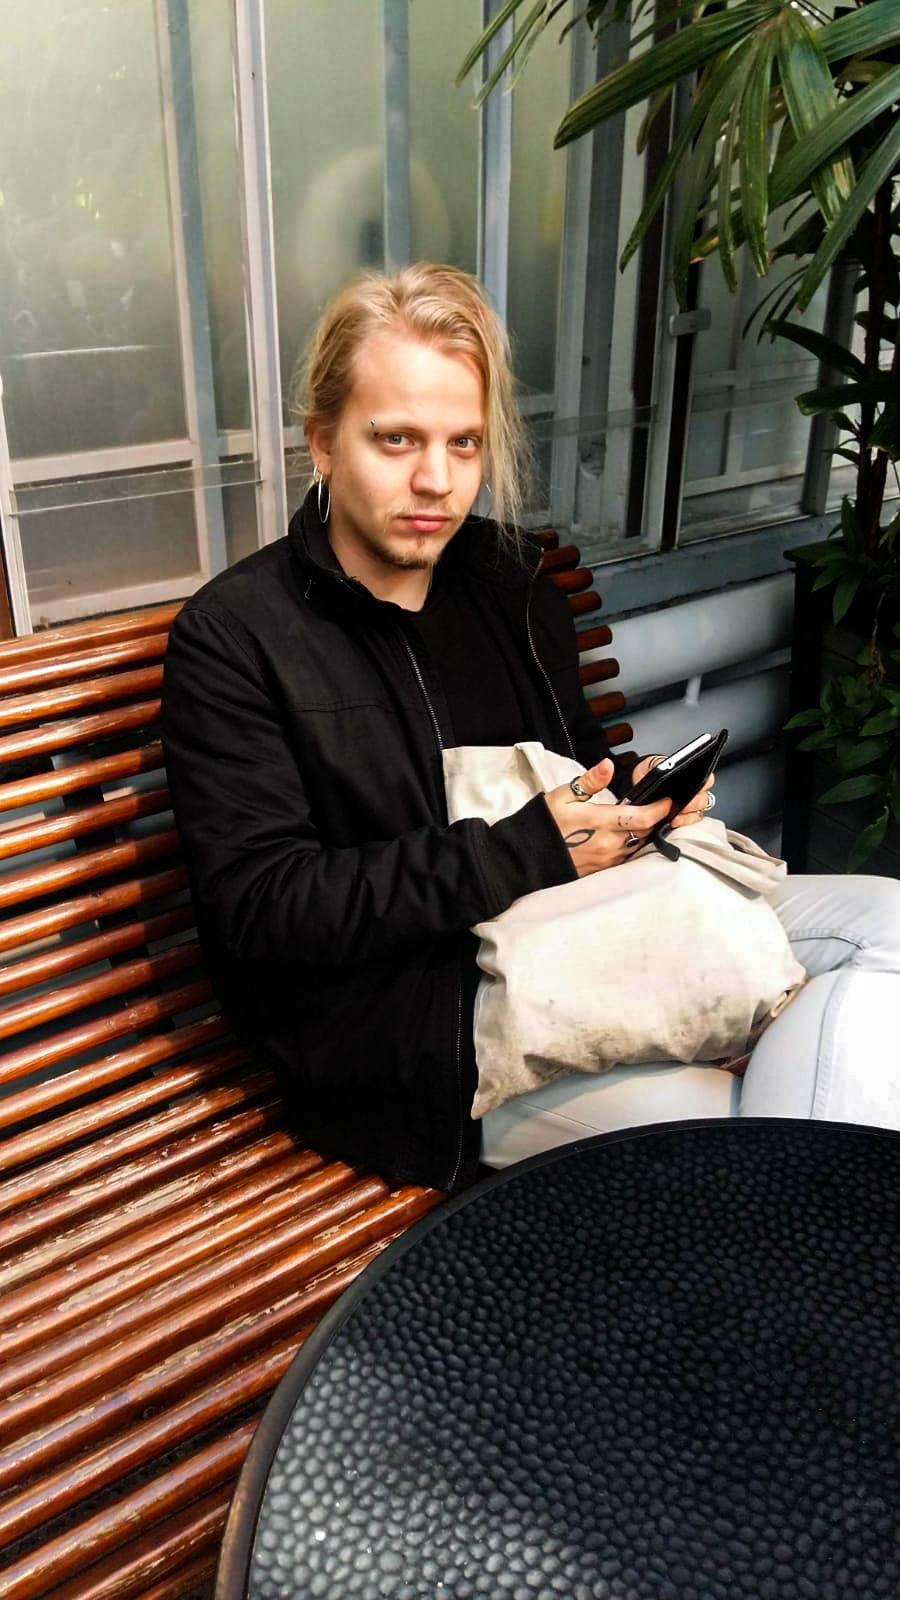 Nicolas Harju - Kirjoittaja - Casinokokemus